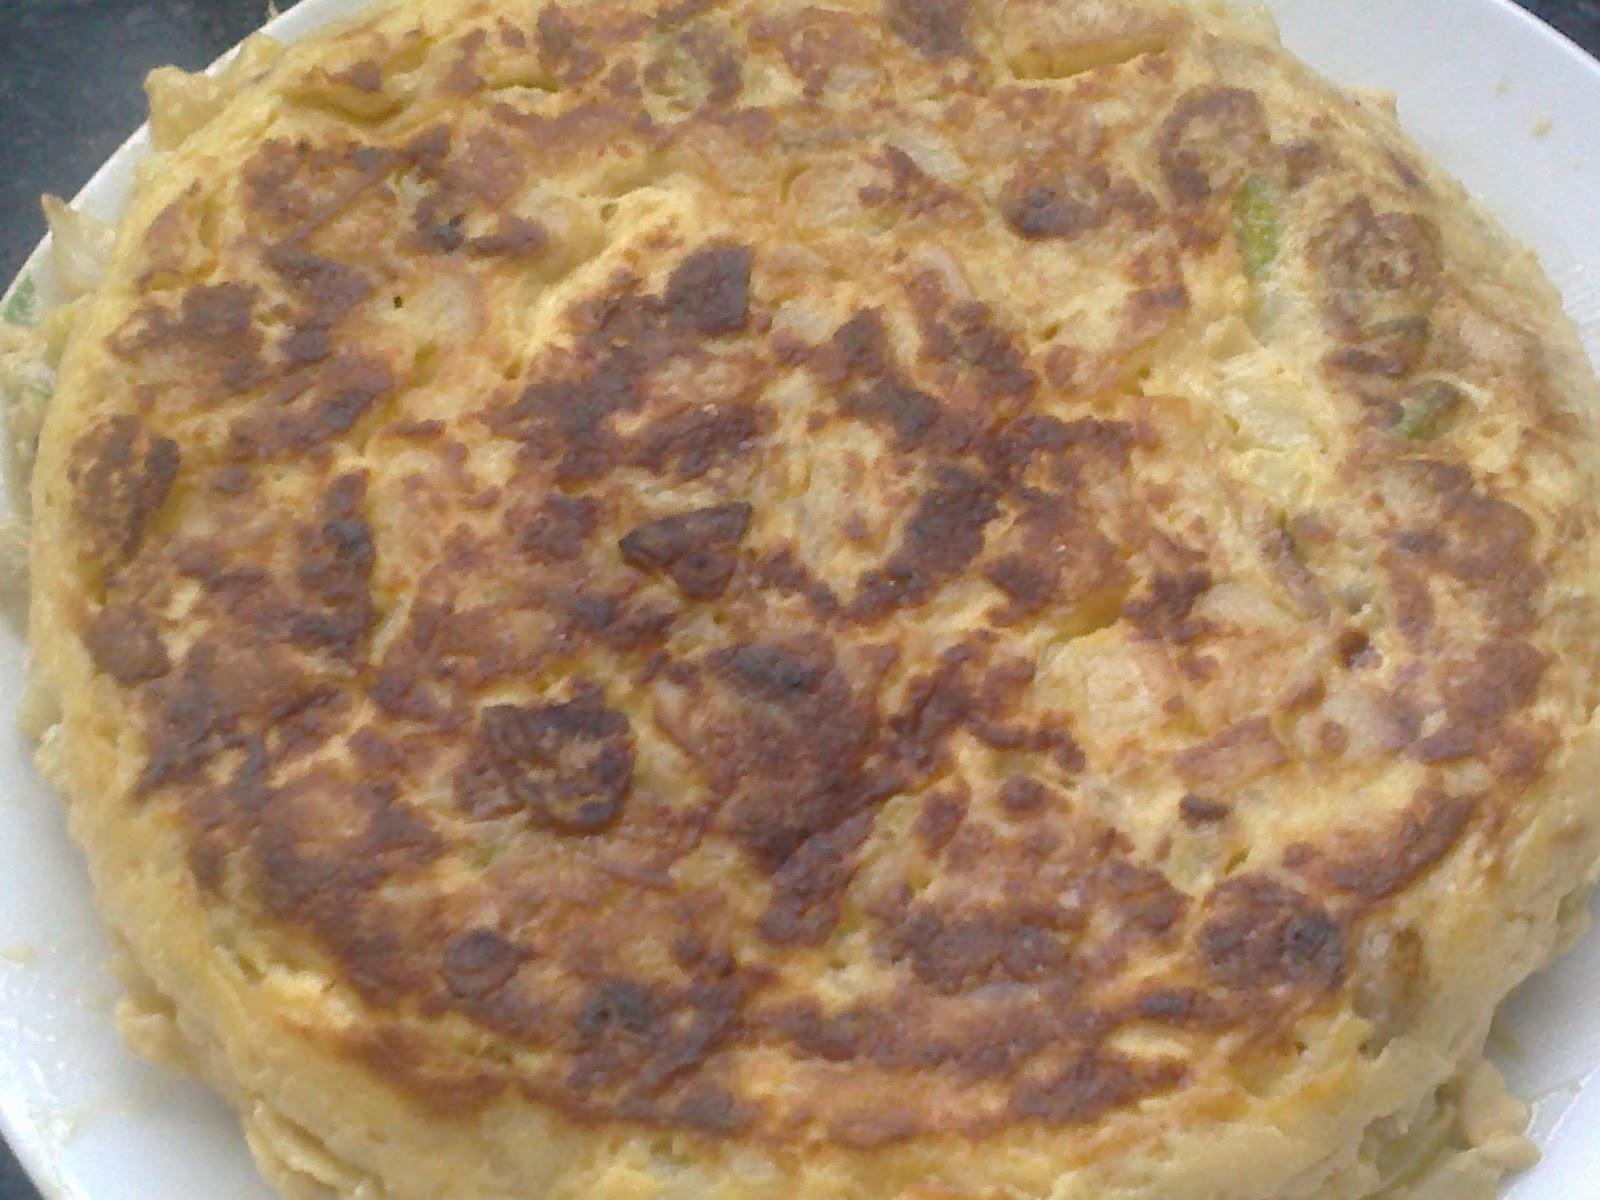 Marujas primerizas tortilla de patatas cebolla y calabacin - Tortilla de calabacin y cebolla ...